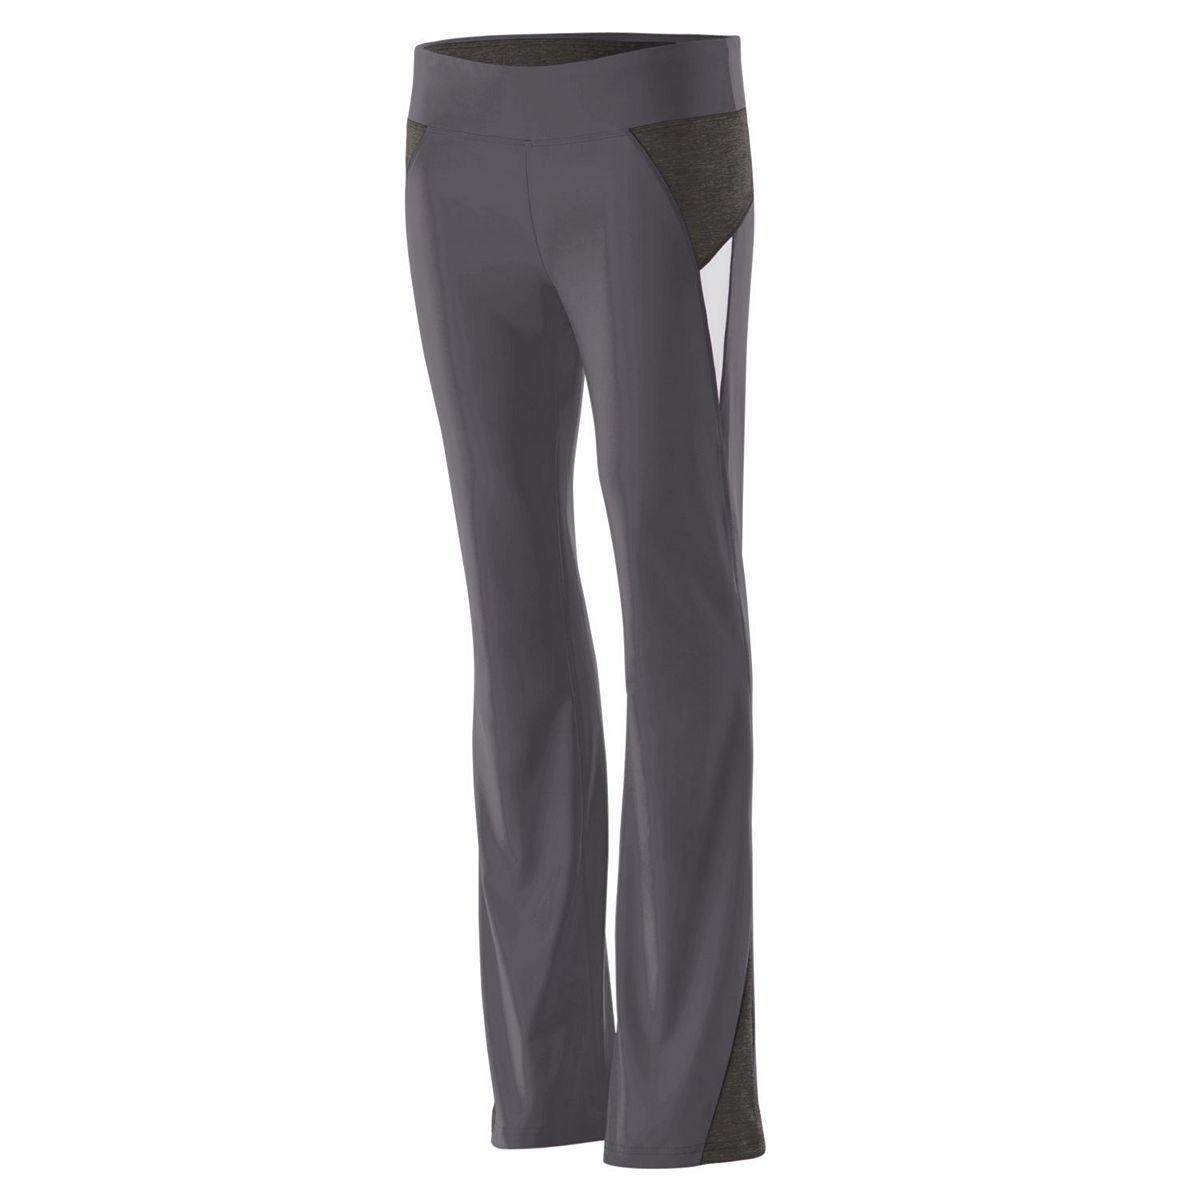 Ladies Tall Tumble Pant - GRAPHITE/BLACK HEATHER/WHITE